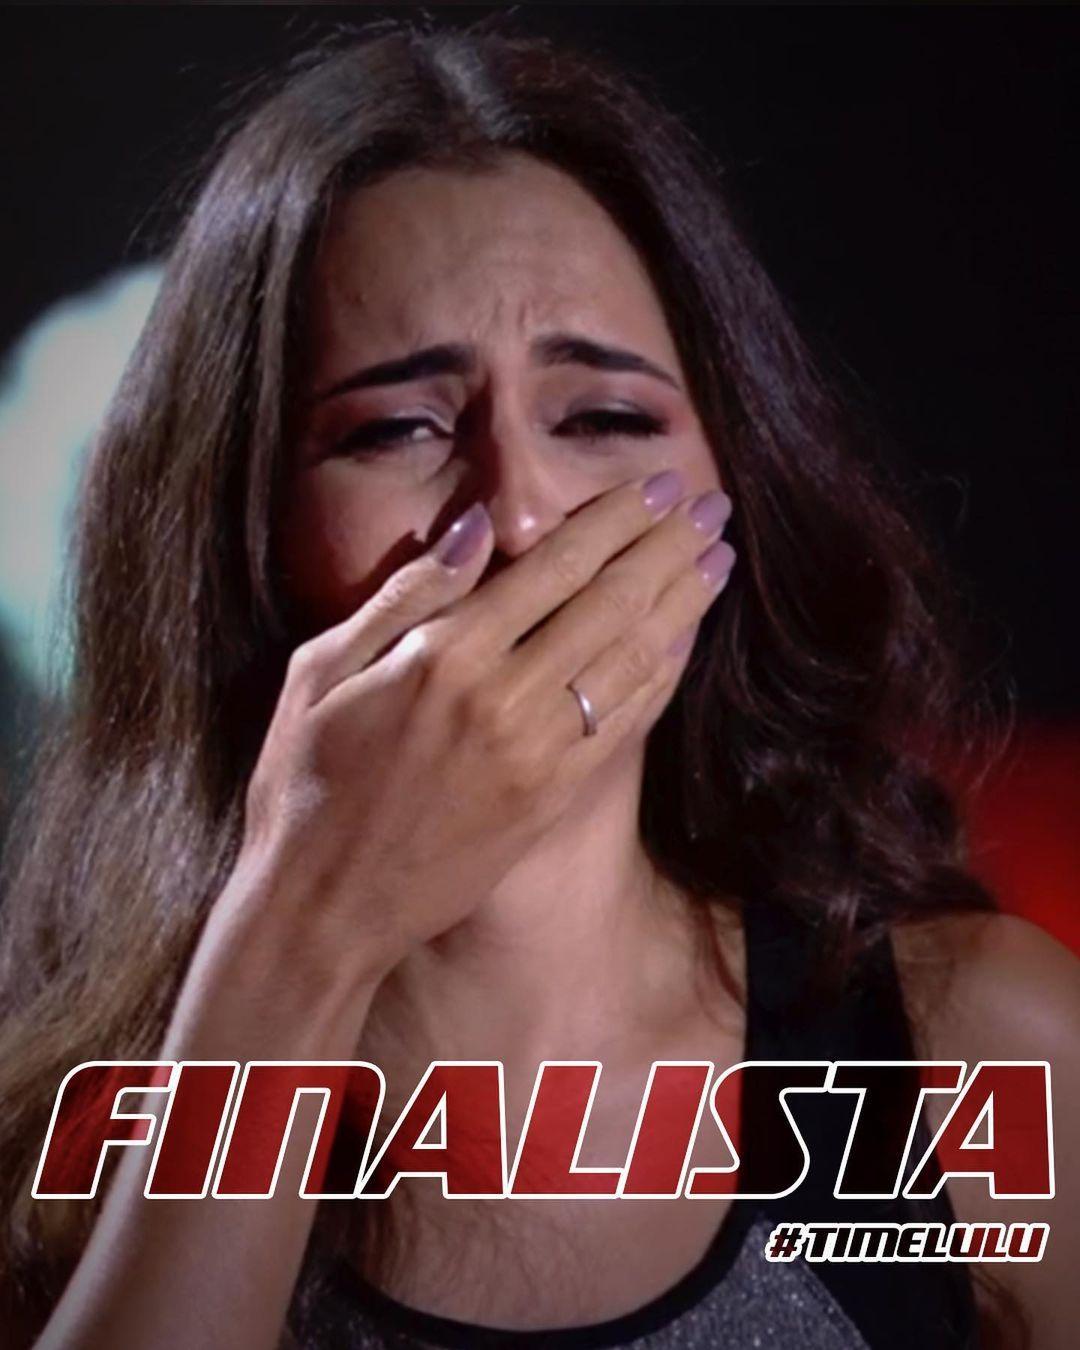 Imagem mostra Ana Canhoto, finalista do The Voice Brasil